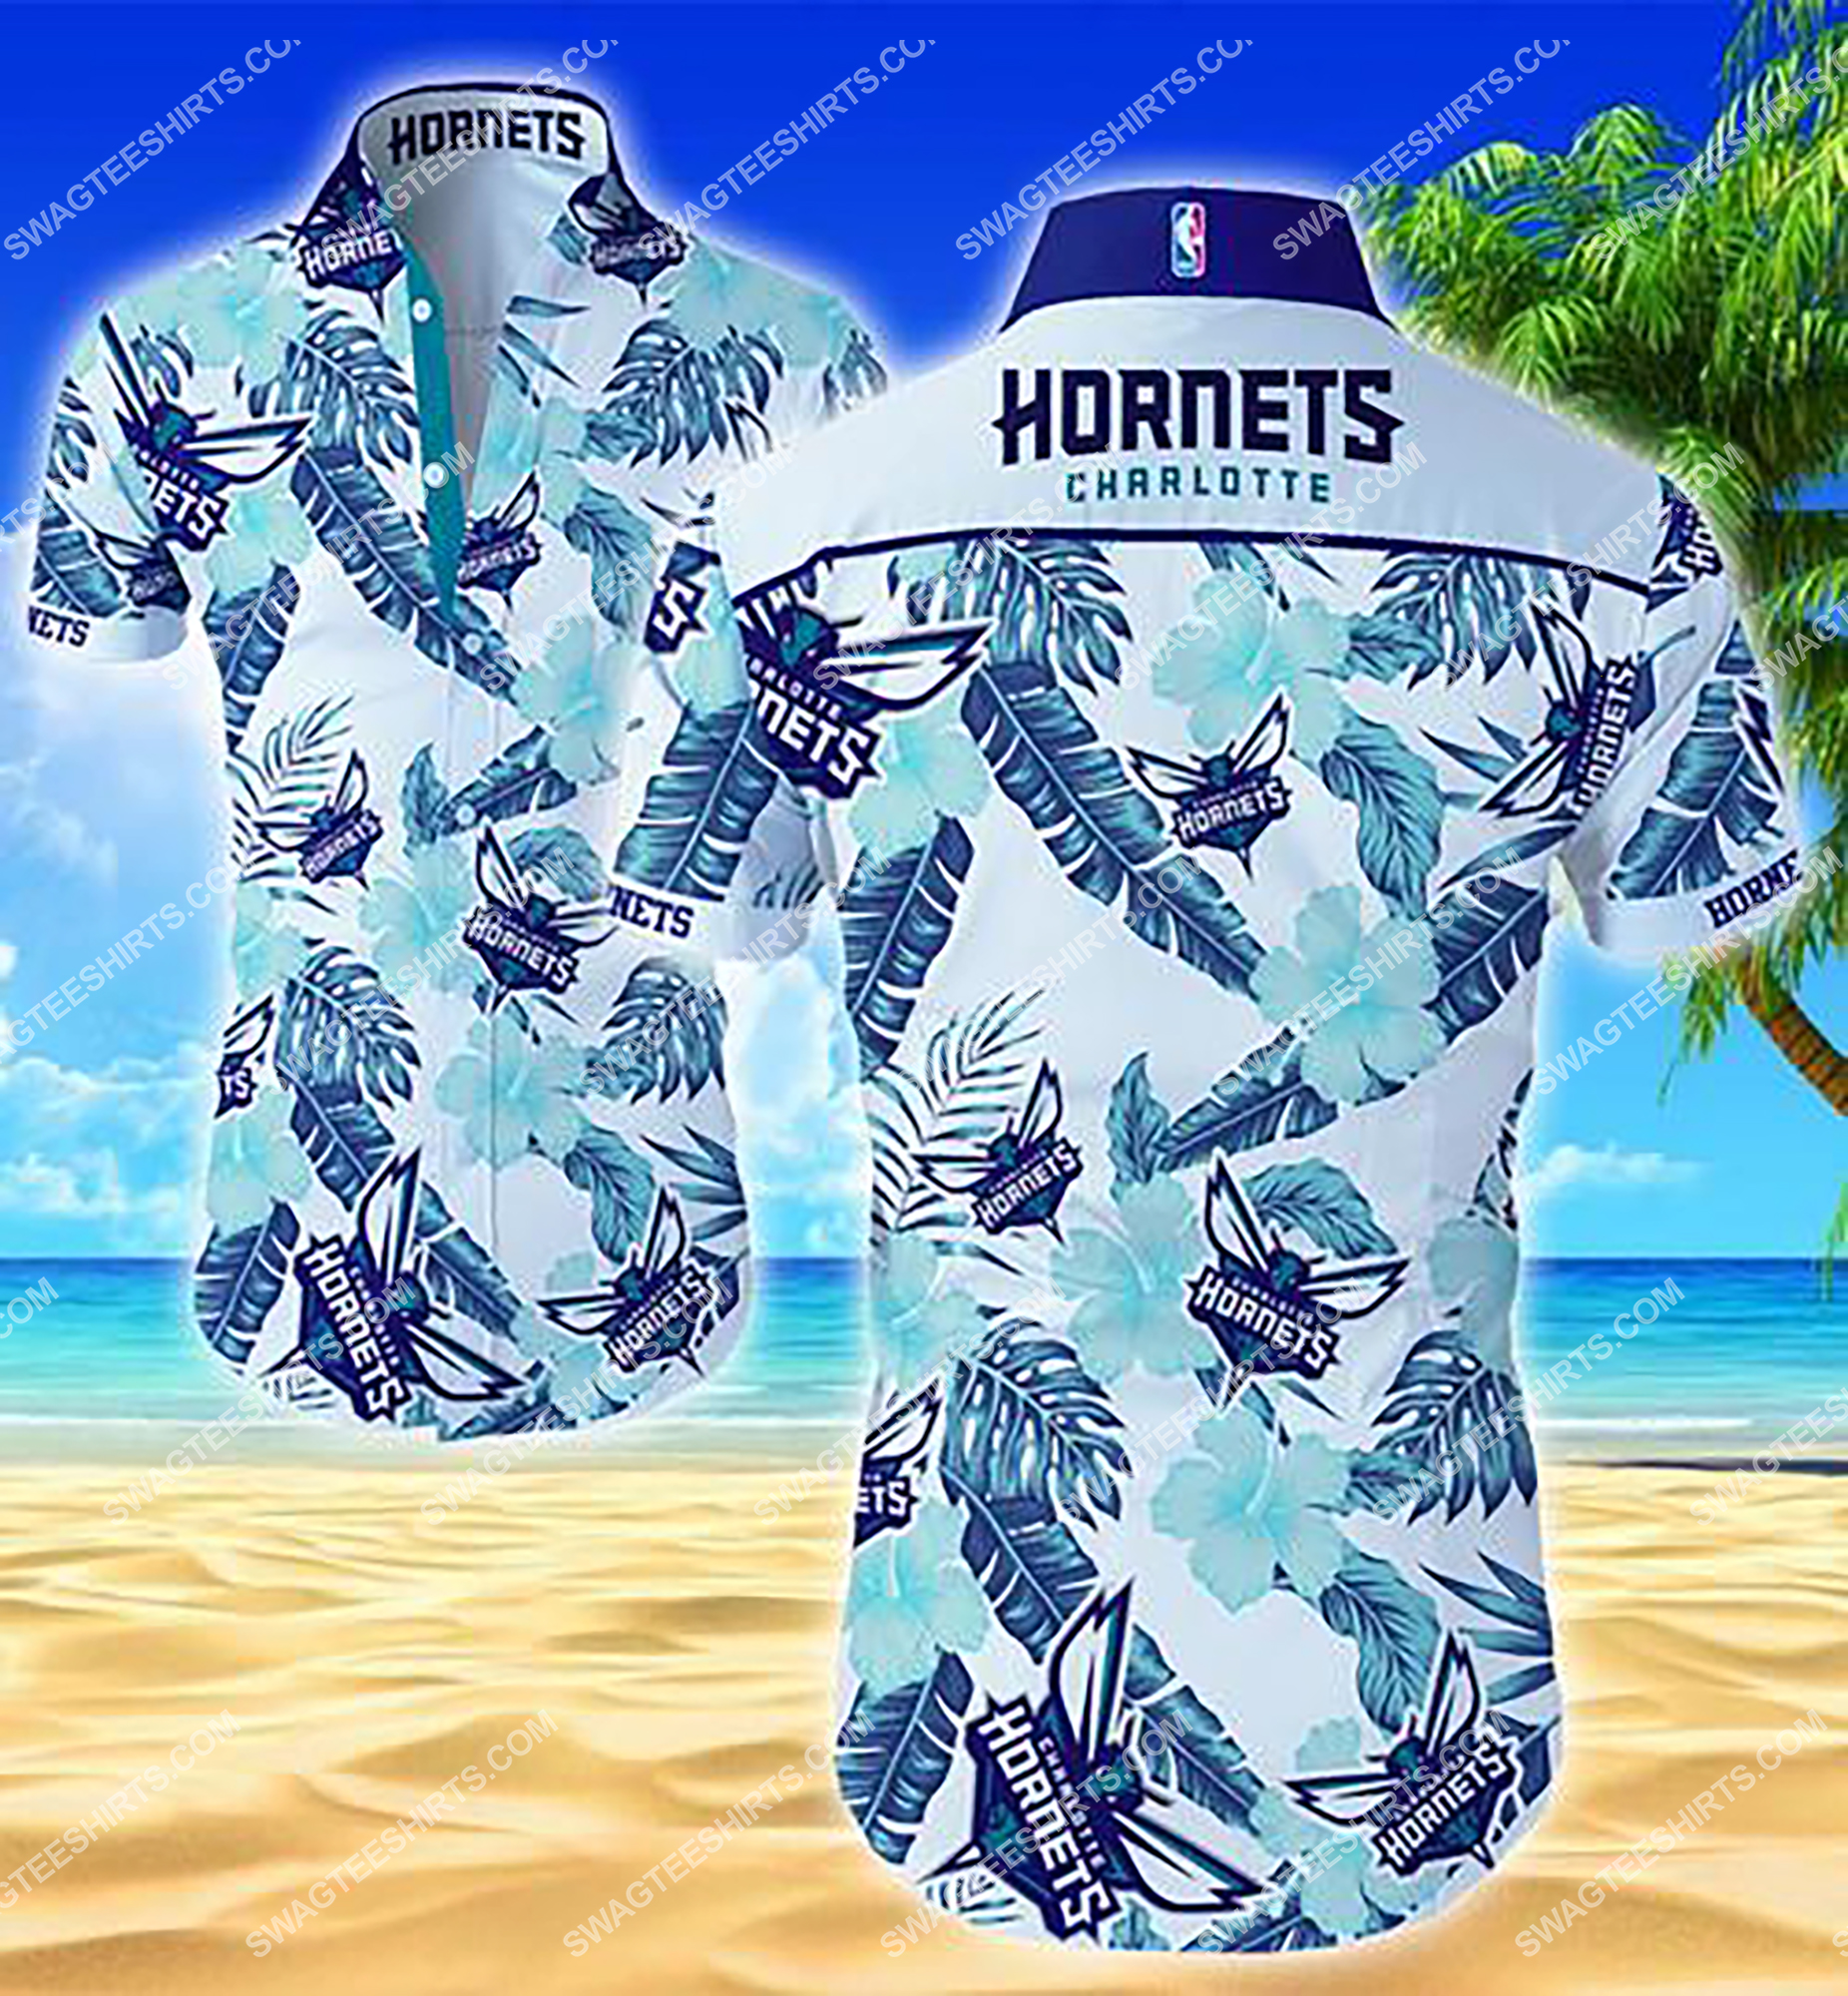 national basketball association charlotte hornets team hawaiian shirt 2 - Copy